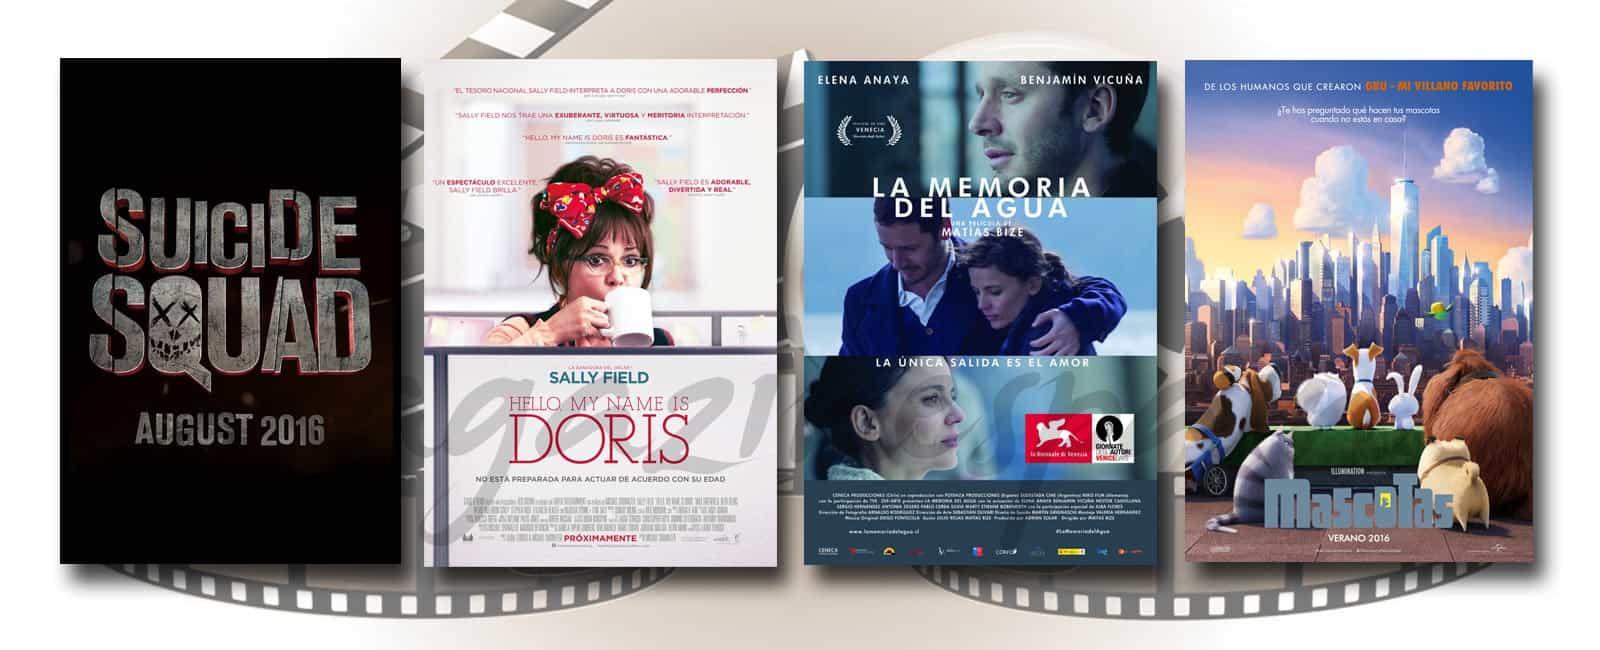 Estrenos de Cine de la Semana… 5 de Agosto de 2016